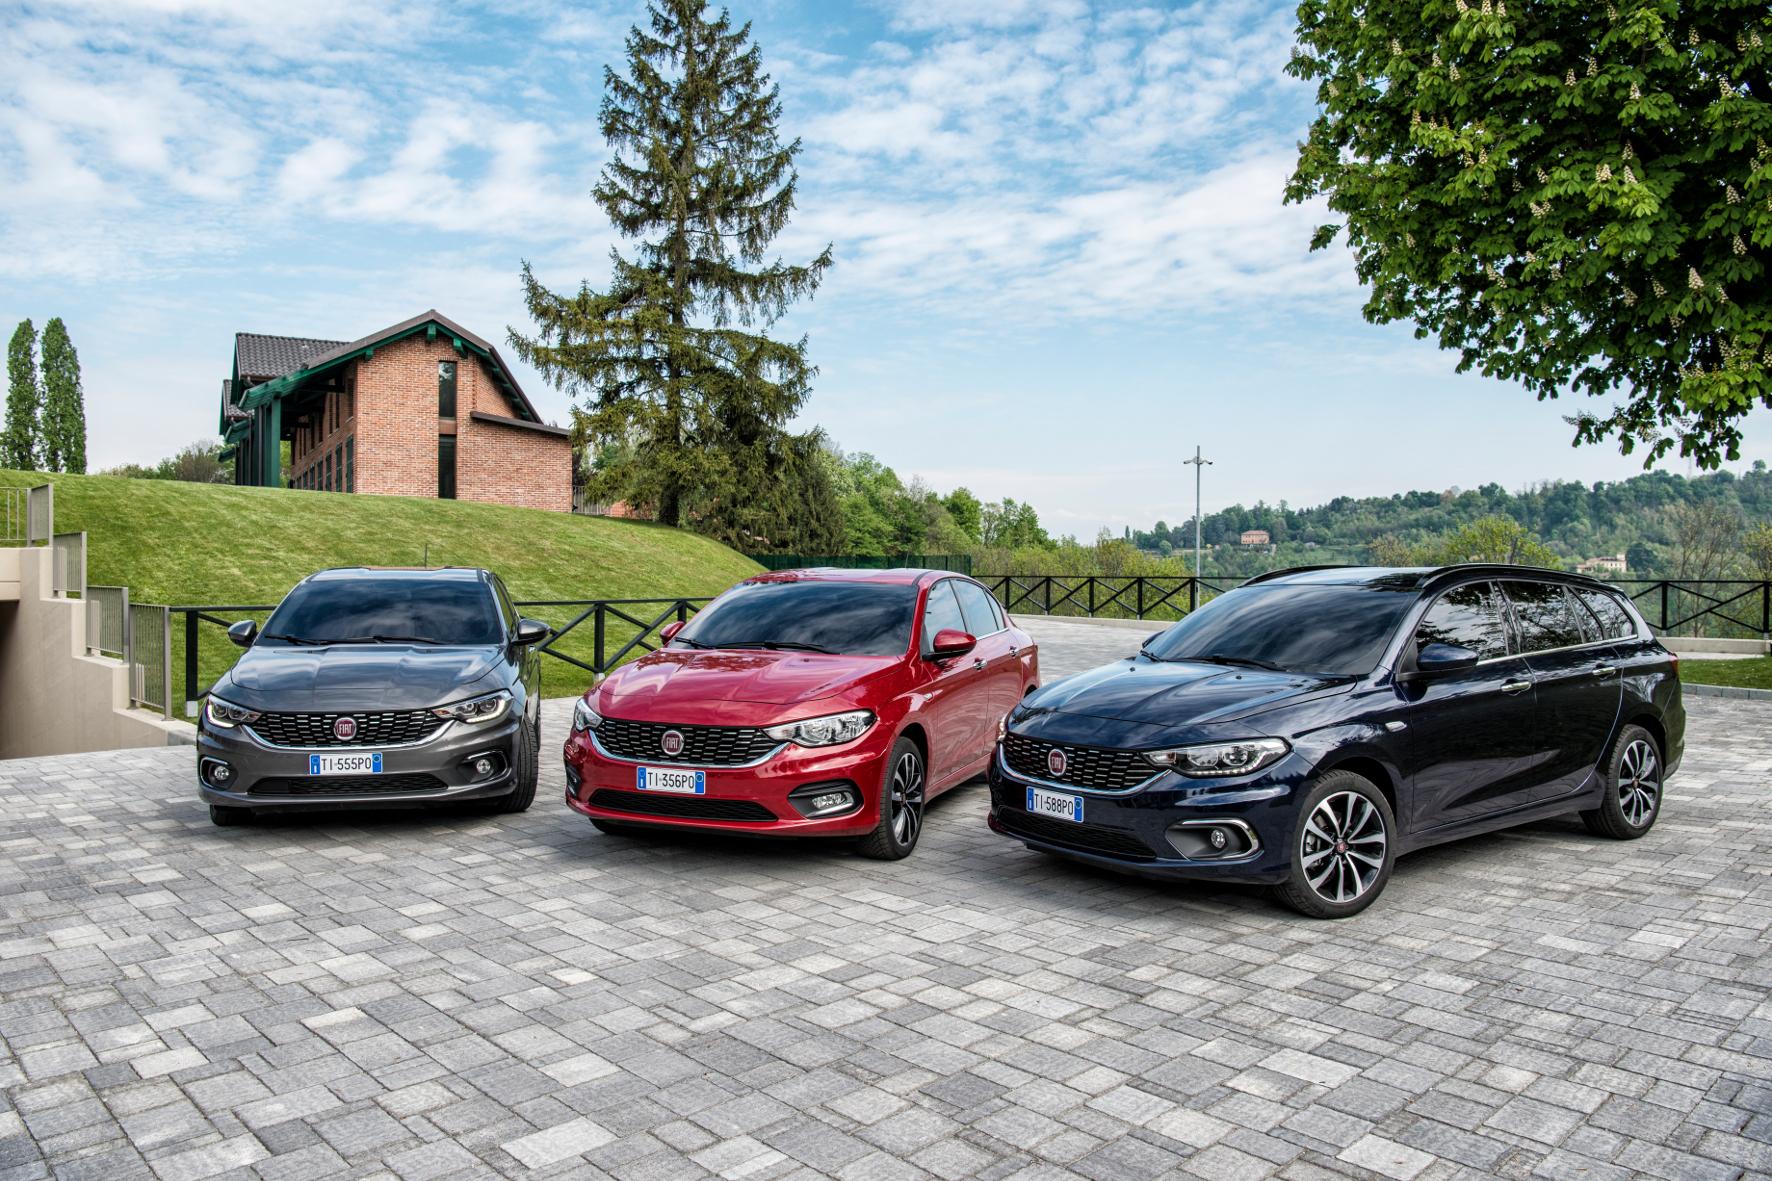 mid Groß-Gerau - Kompakt-Trio zum Sparpreis: Den Fiat Tipo gibt es bis Ende Januar 2016 bei einer Finanzierung ab 10.990 Euro inklusive Eintausch-Prämie.